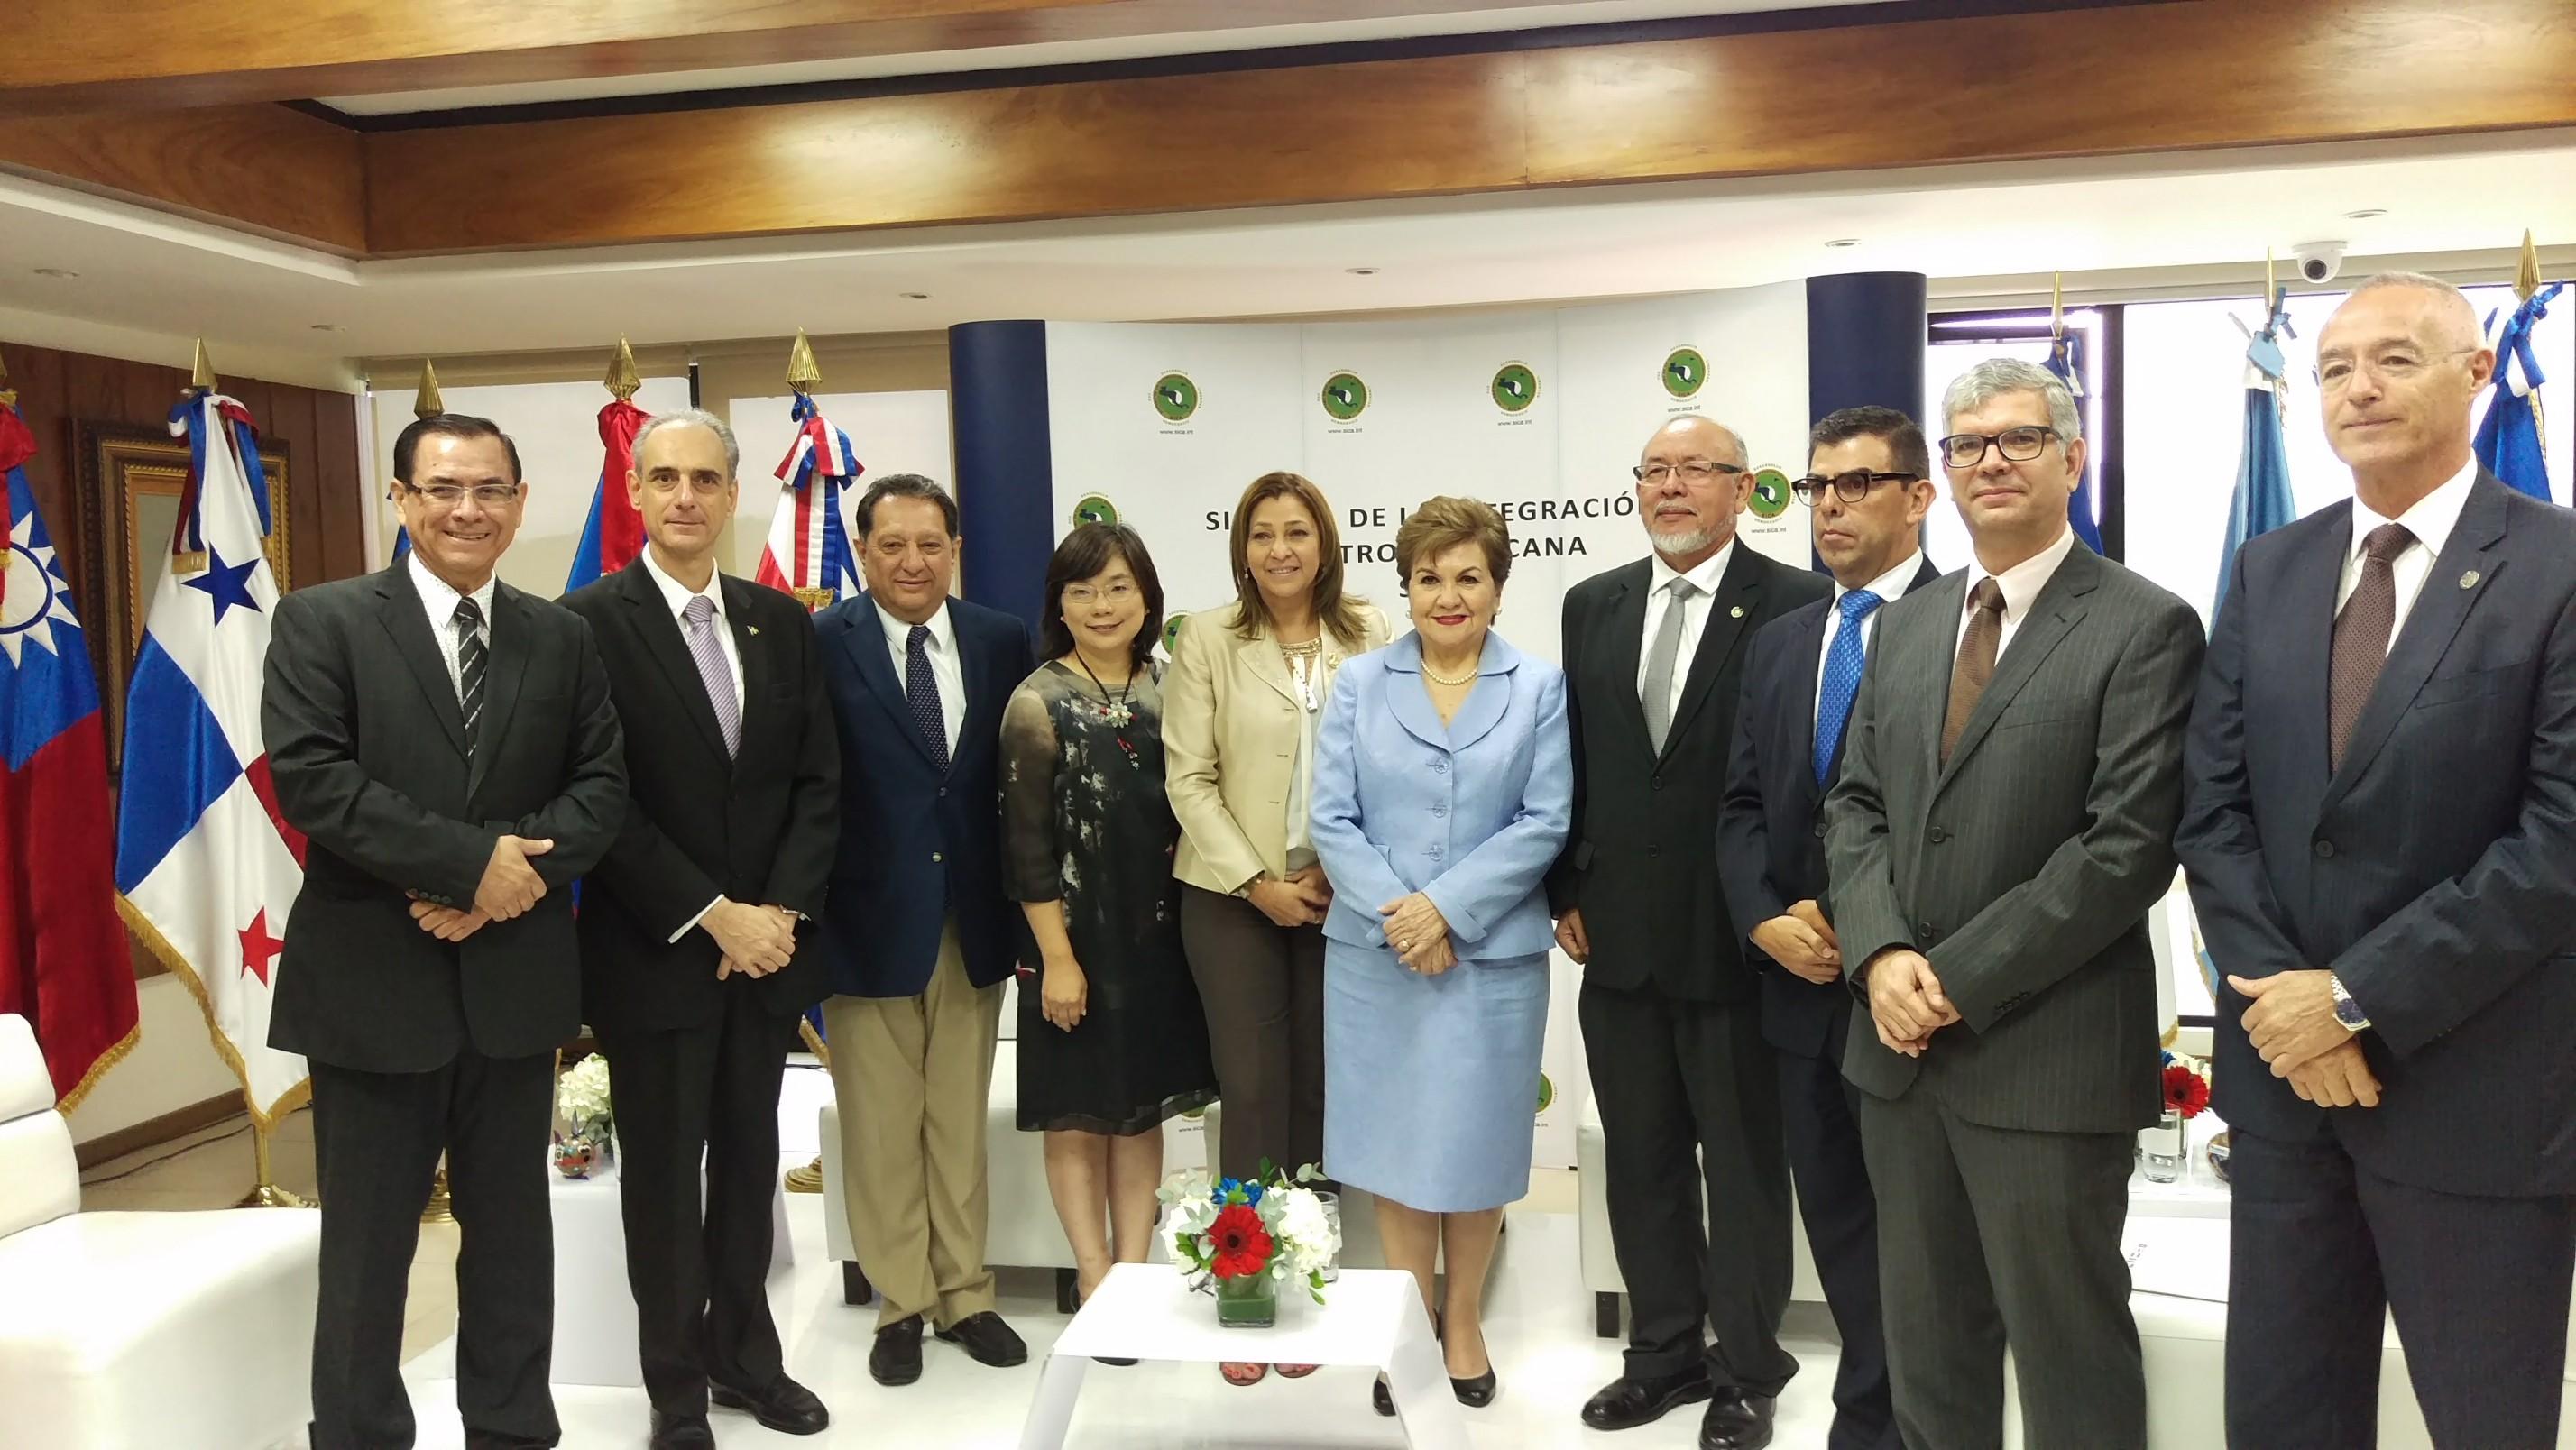 Taiwán fortalece su cooperación al SICA con apoyo a proyectos en Pesca y Agricultura de la Región